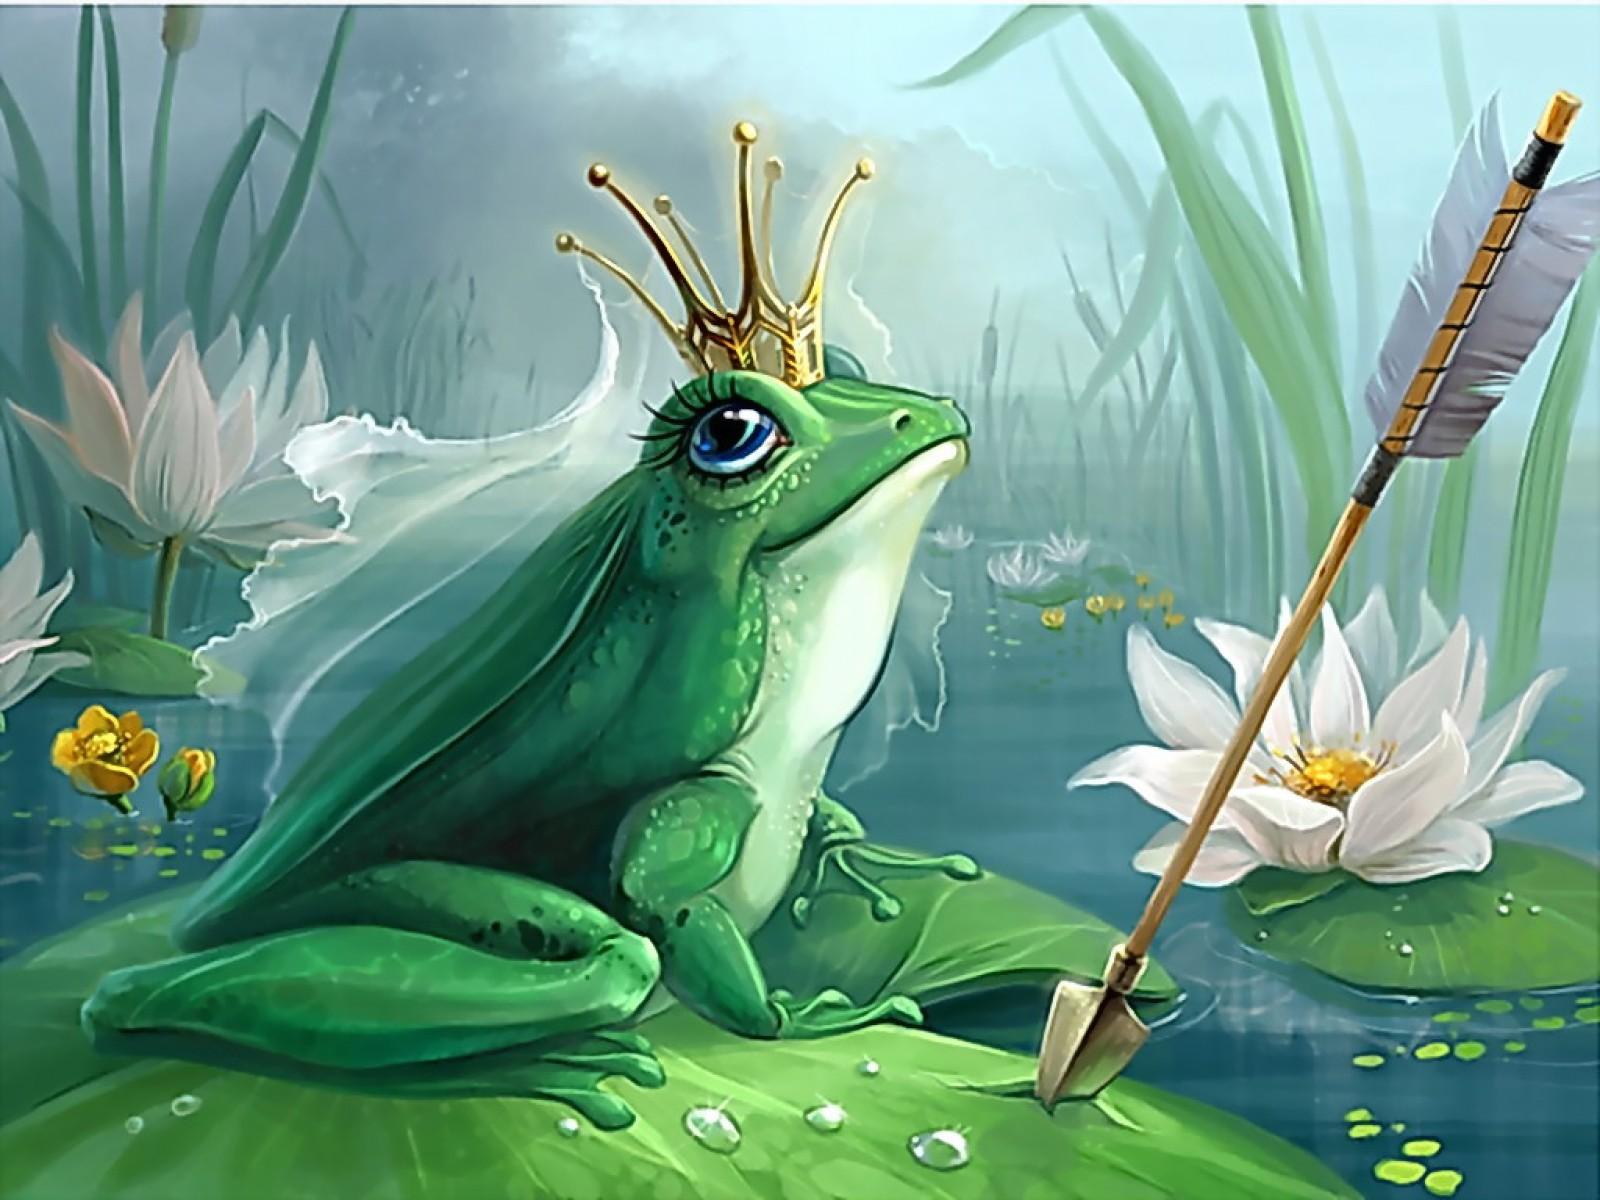 сказка лягушка-царевна читать онлайн